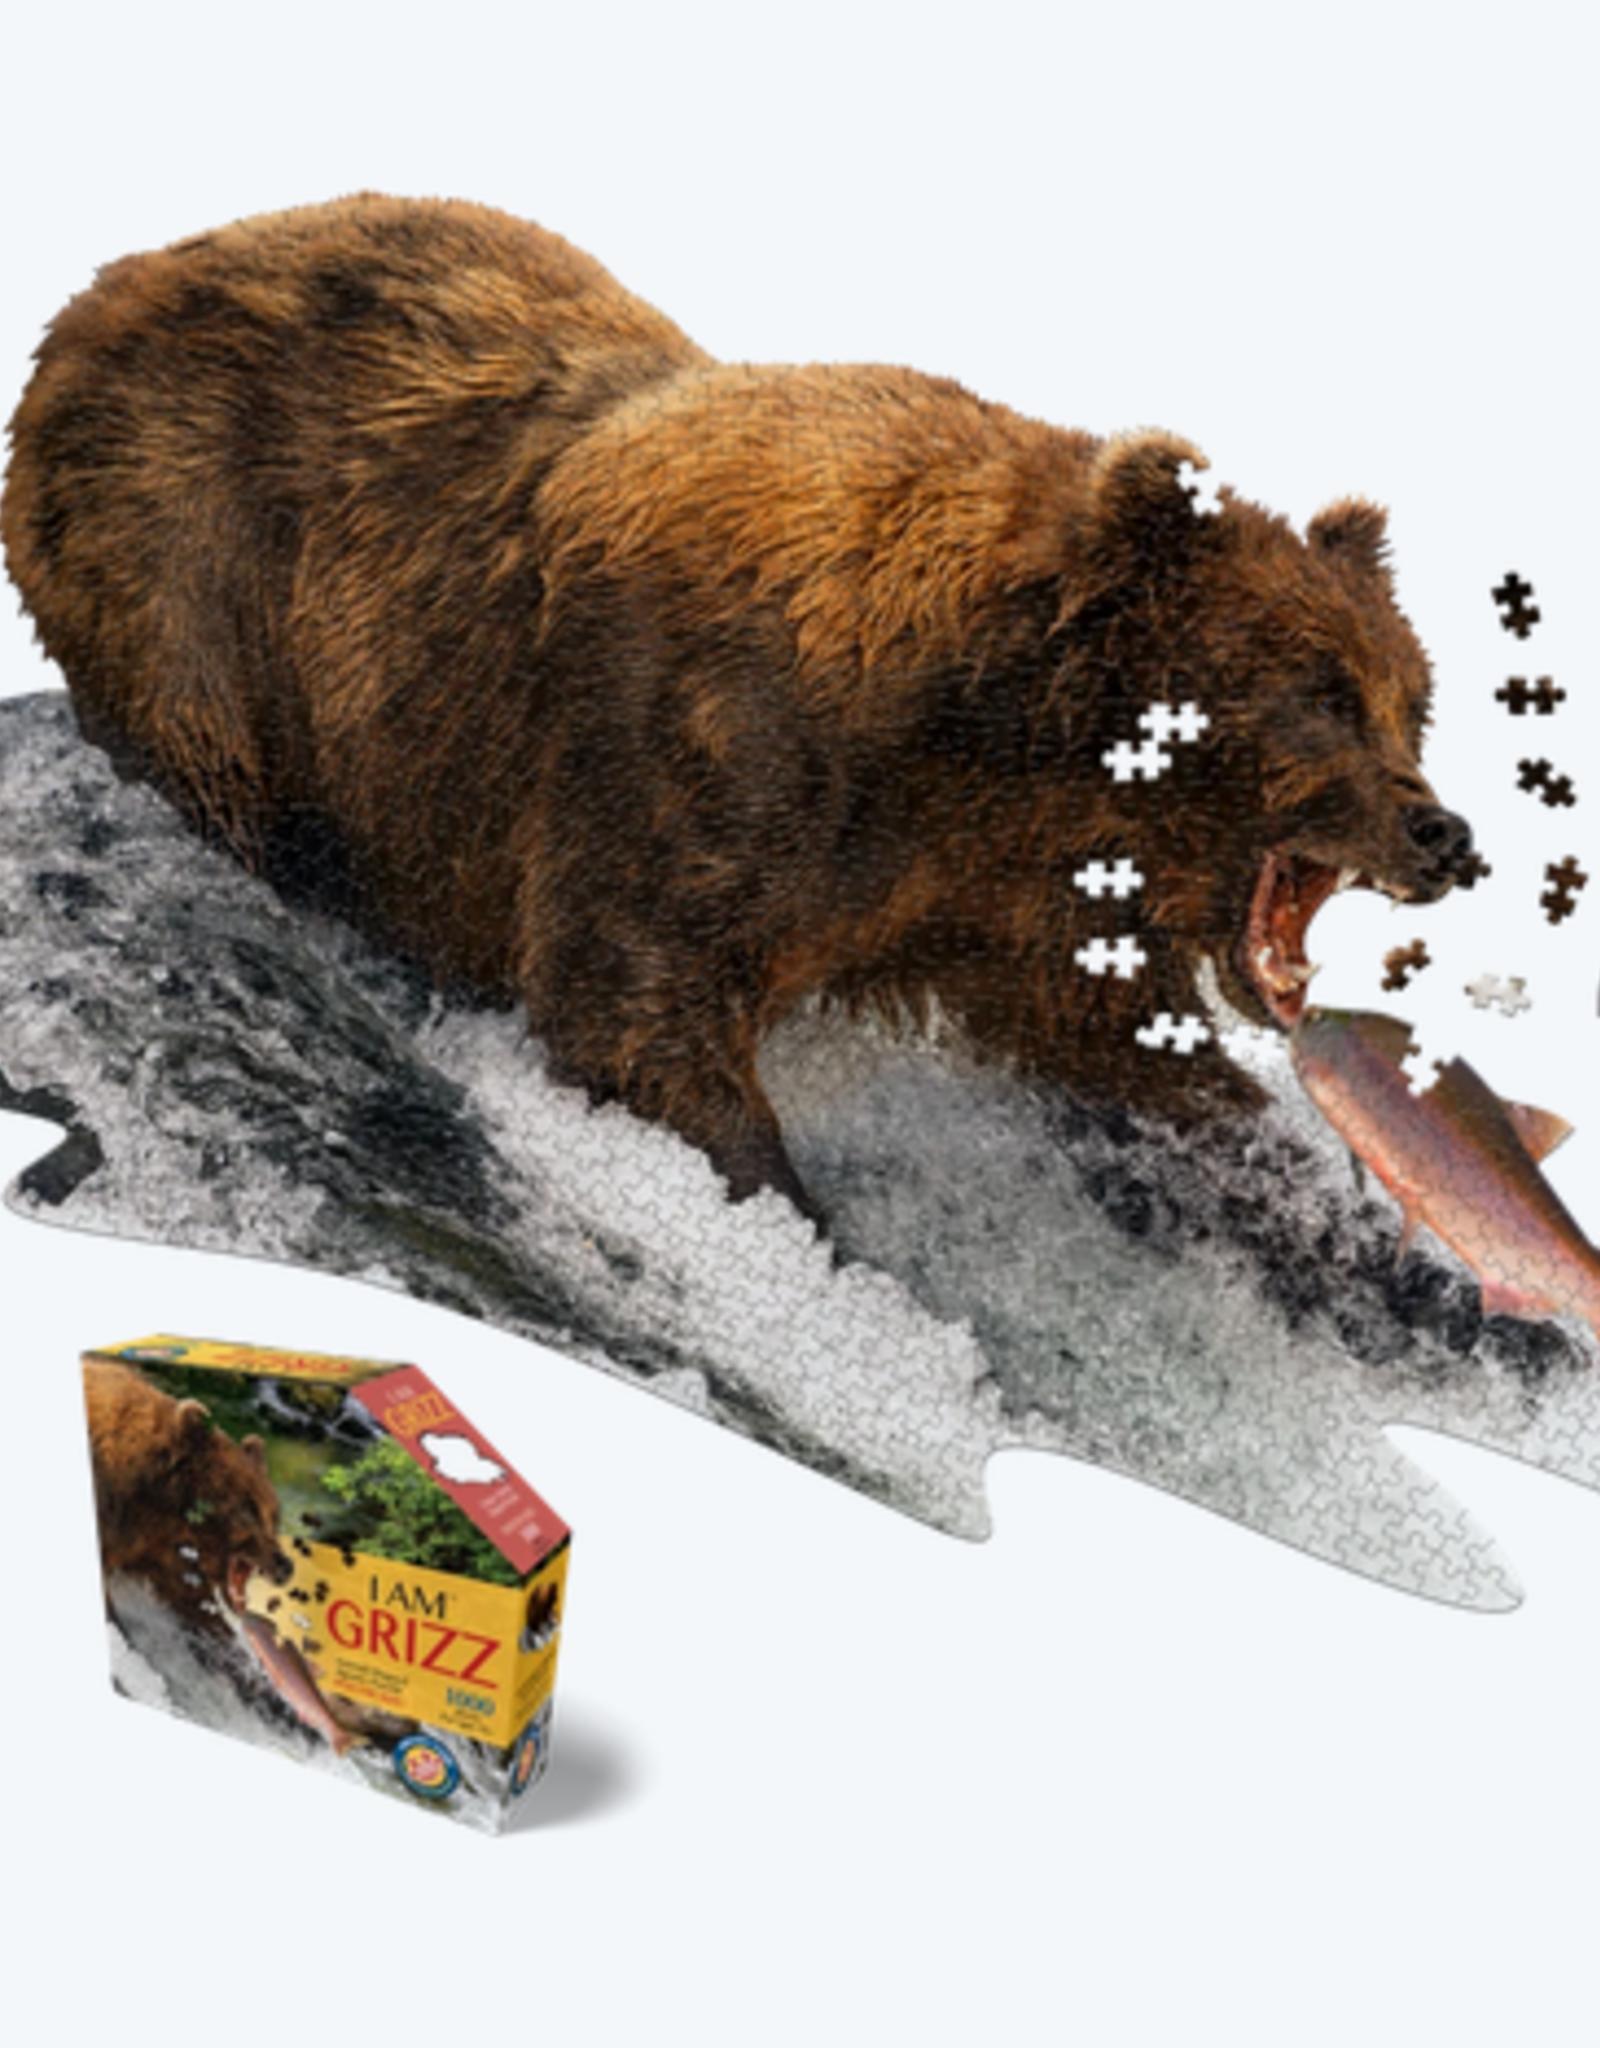 I am Grizzly 1000 piece